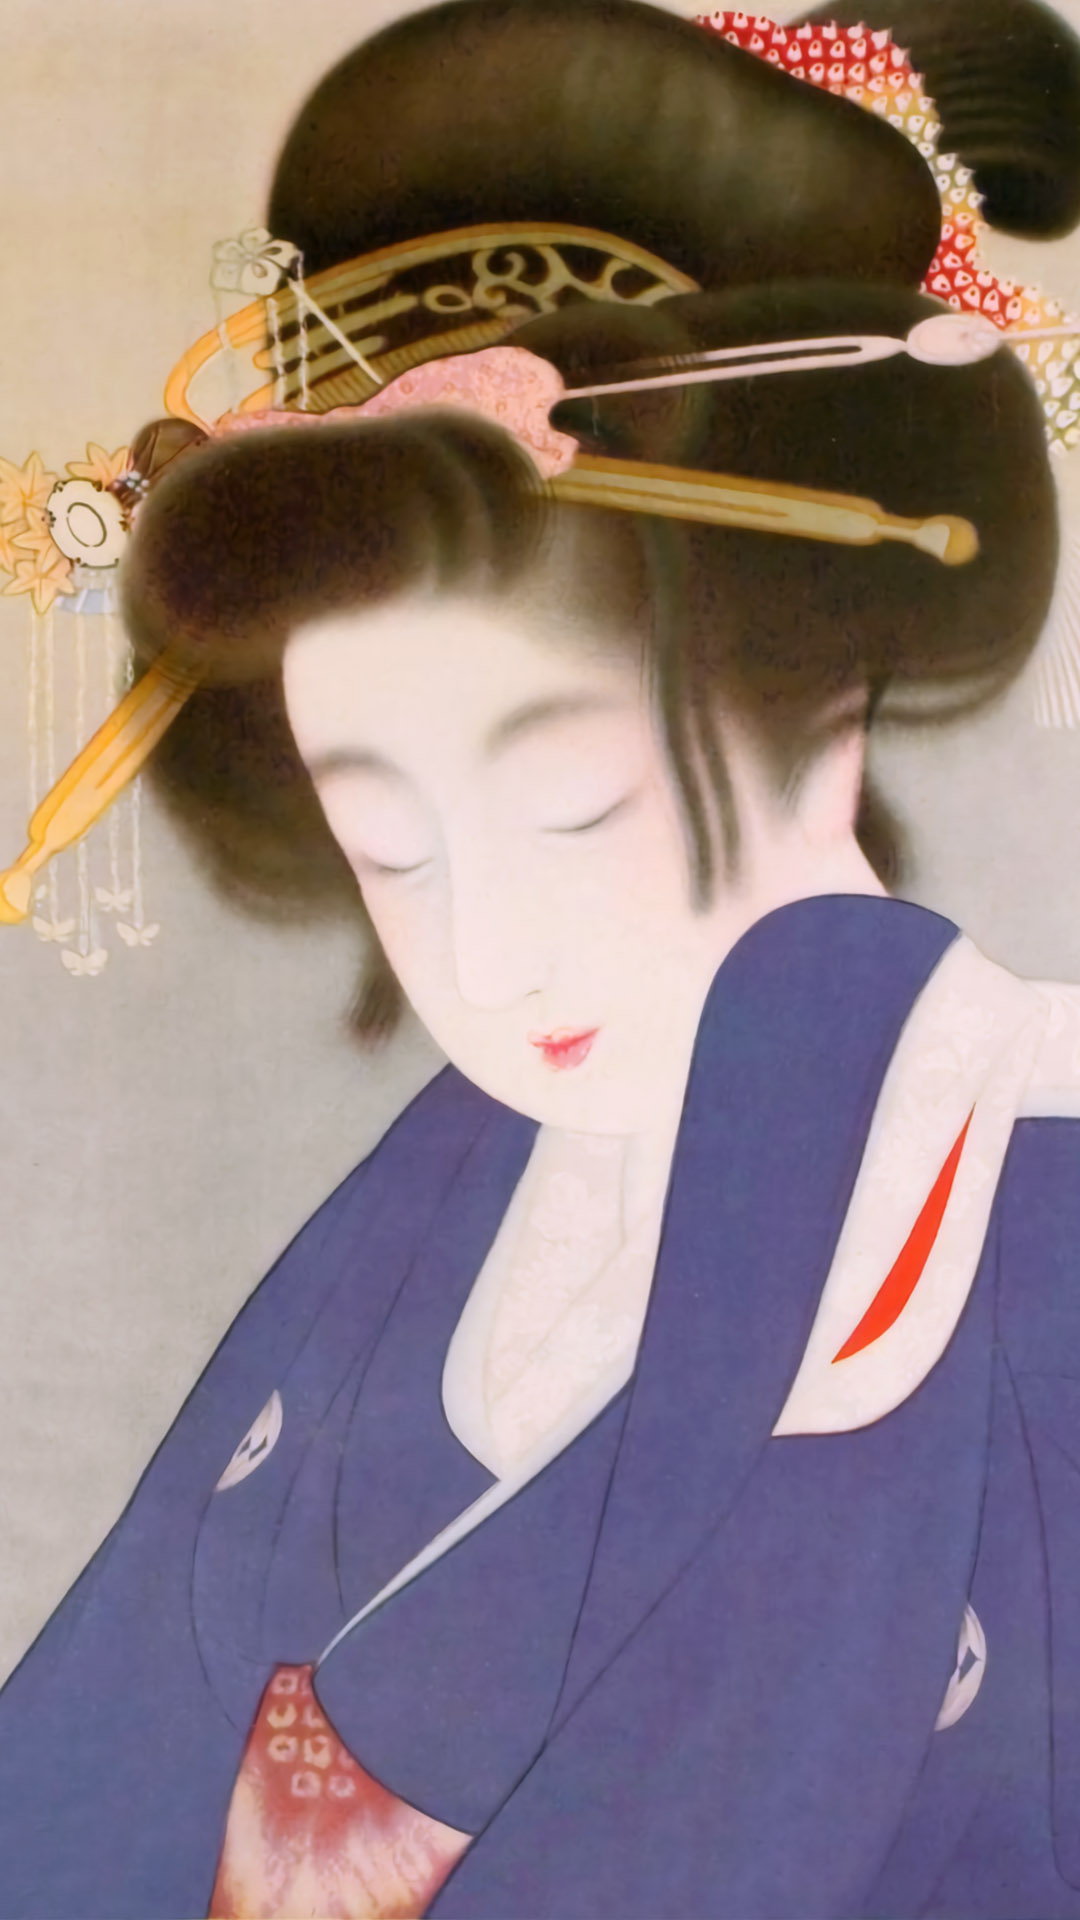 上村松園 長夜 Uemura shoen - Choya 1080x1920